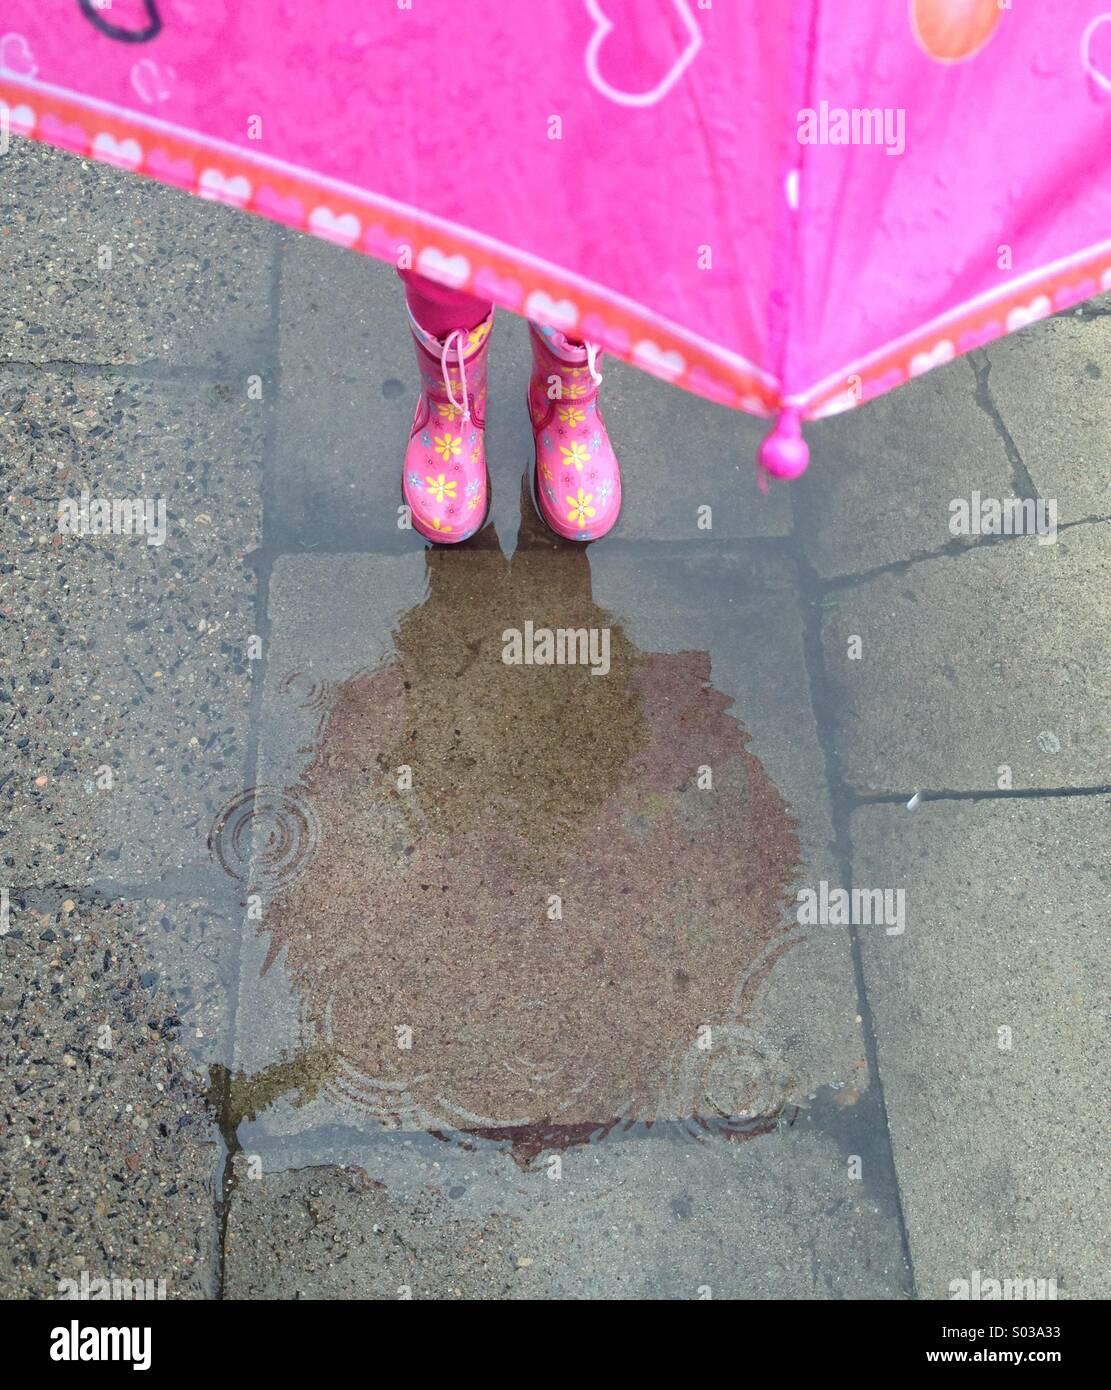 En rose enfant debout dans la flaque gumboots Photo Stock